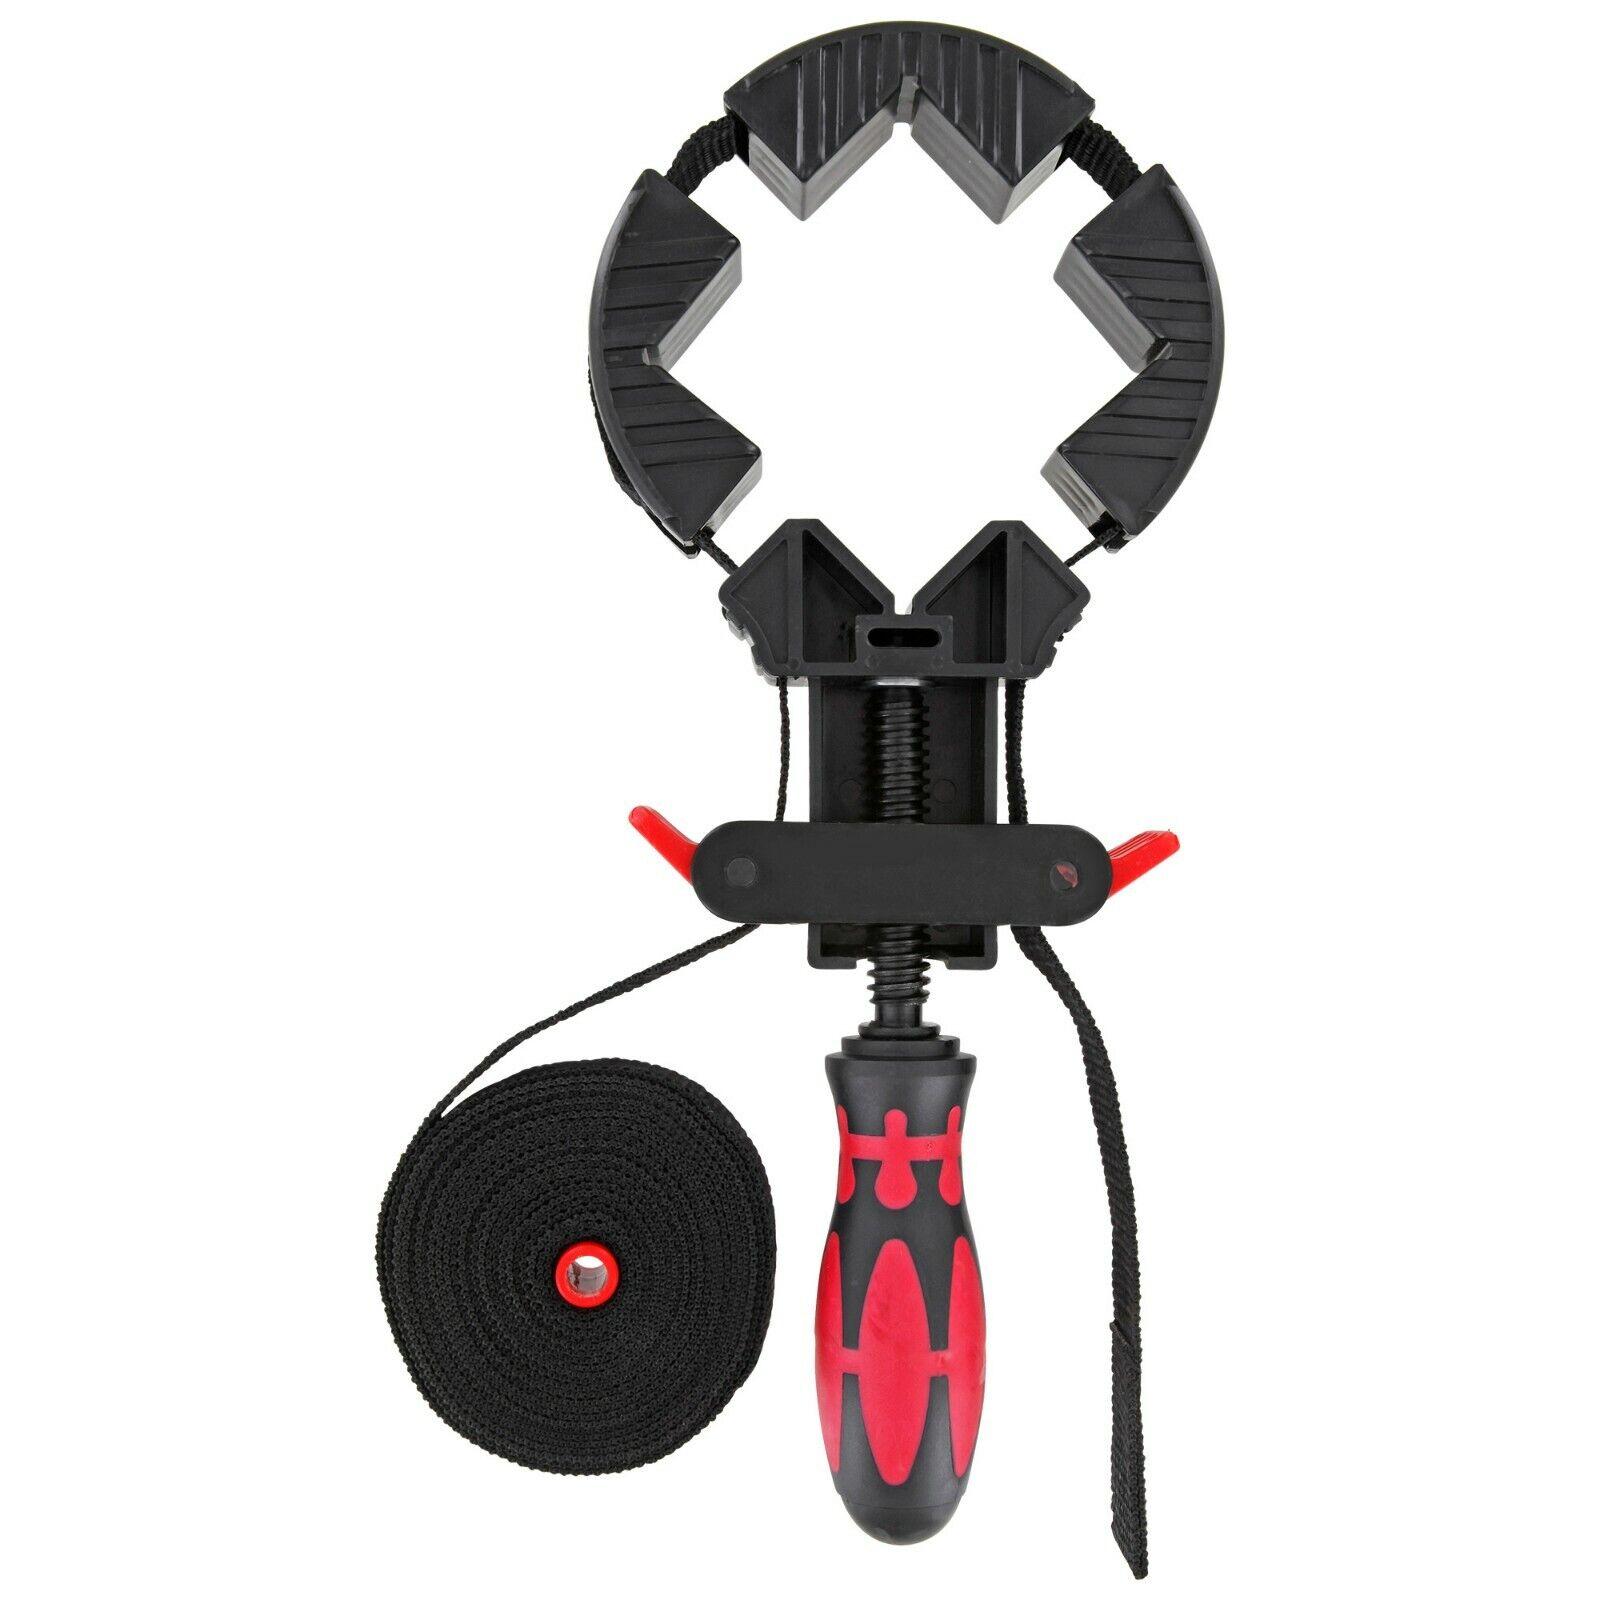 Bandspanner Werkzeug zum Leimen Rahmenspanner mit 4 Spannbacken und Nylongurt